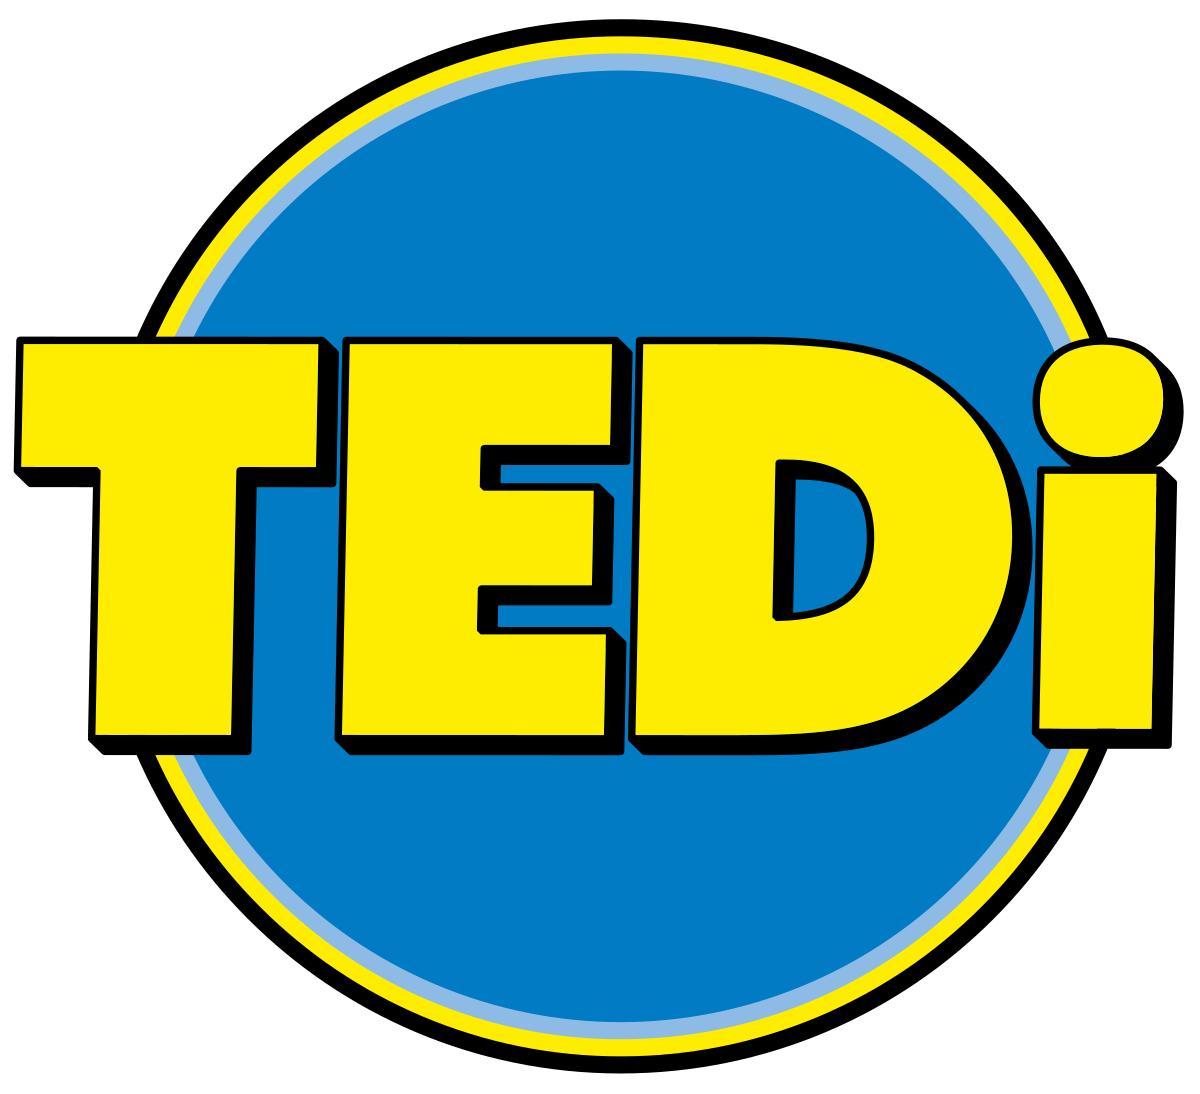 1€ Cashback für einen Einkauf bei Tedi ab 10€ [marktguru]